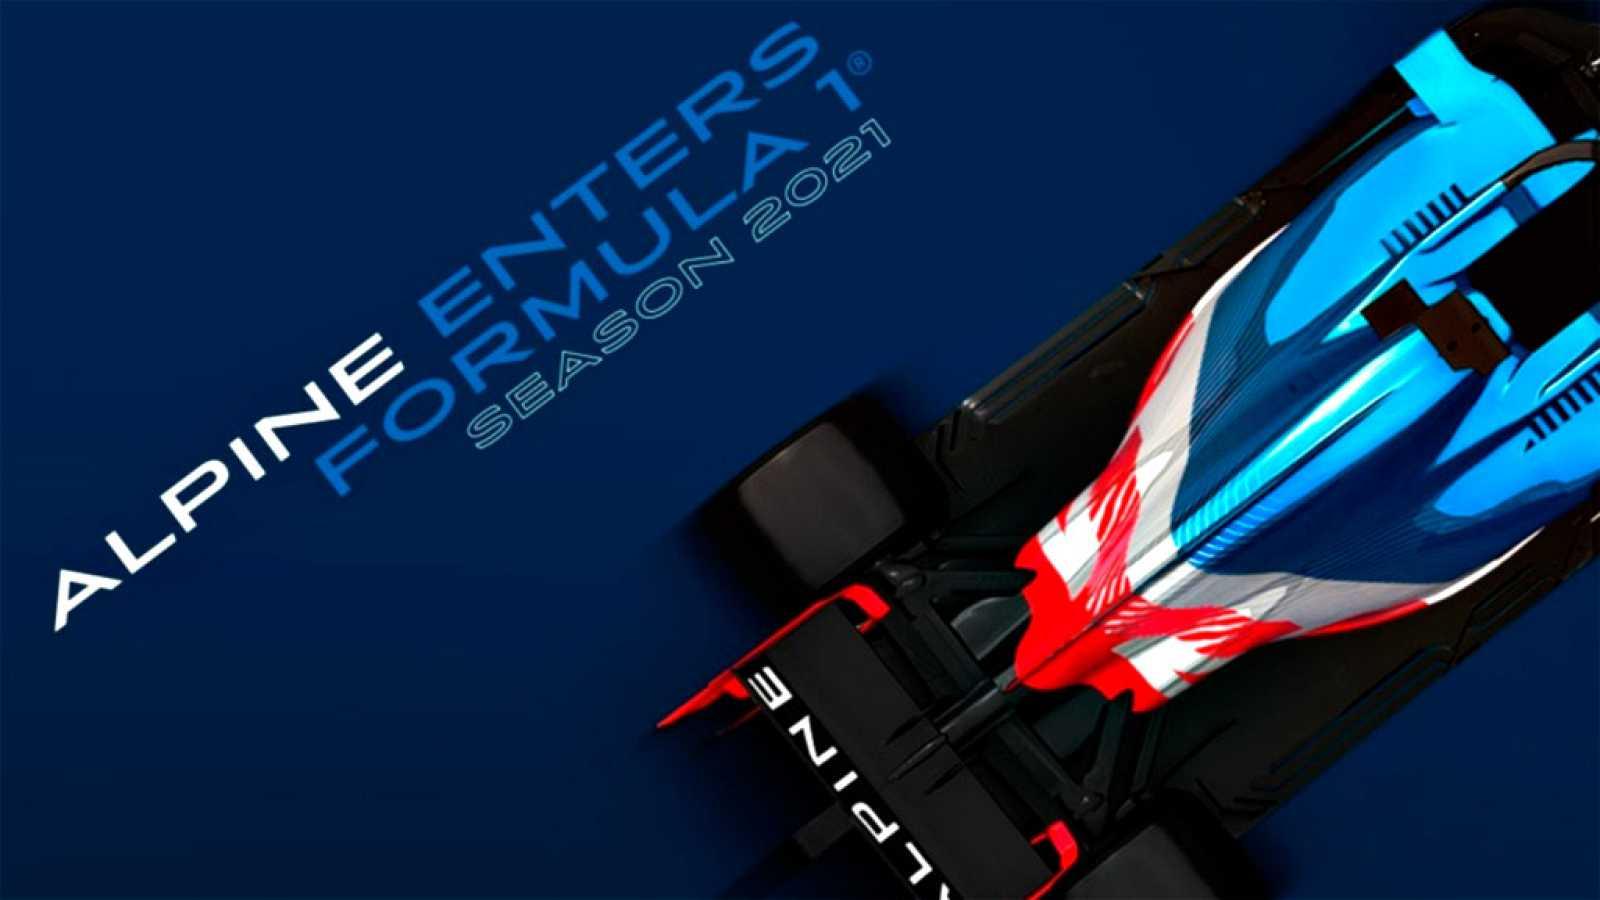 Alpine presenta este martes el coche de Fernando Alonso sin la presencia del asturiano